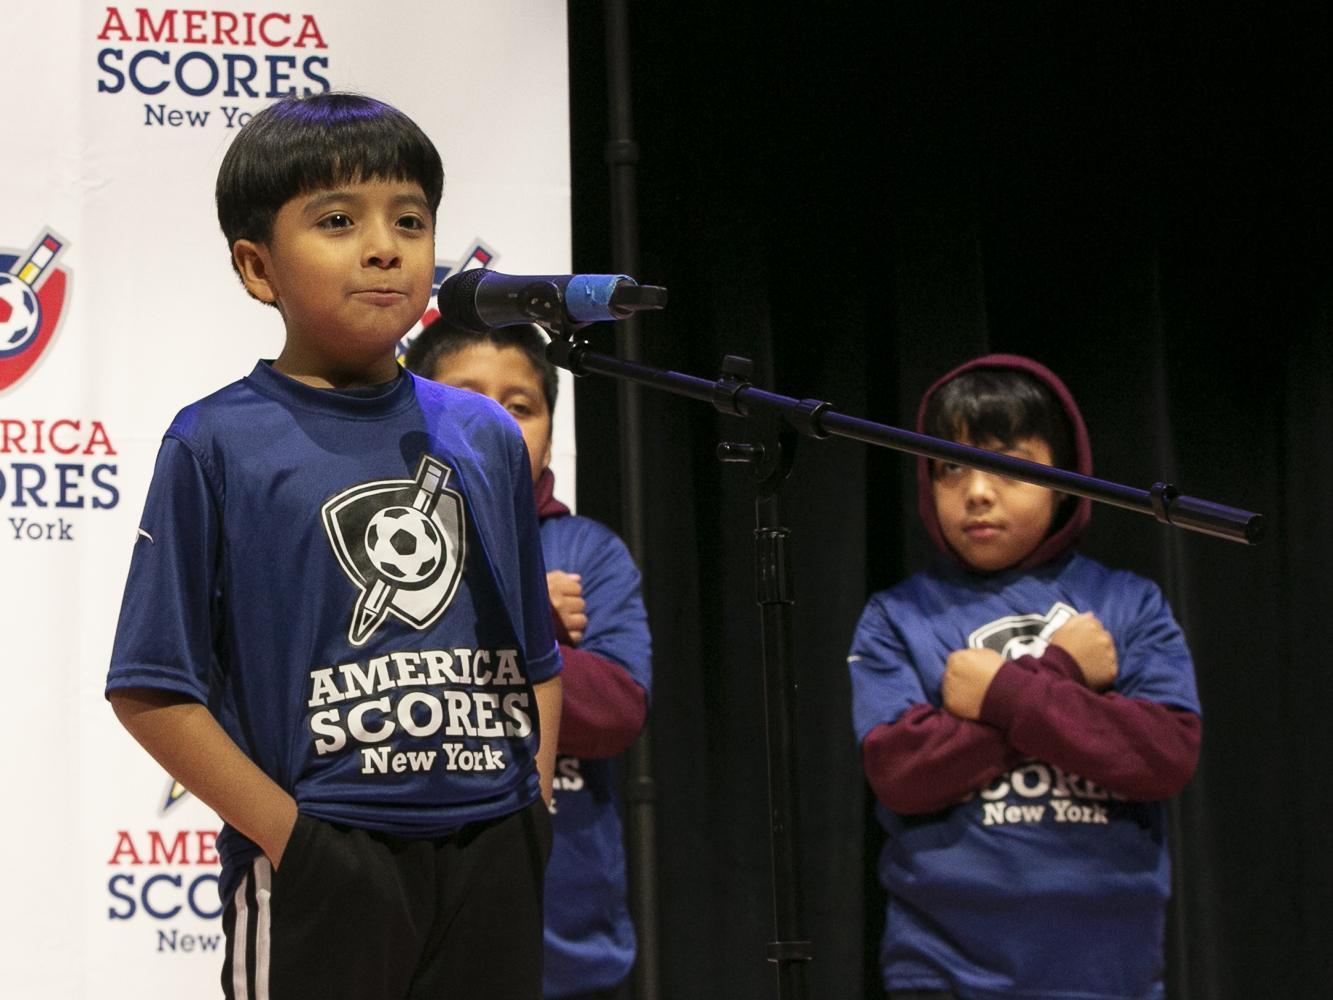 Boy participates in America Scores Poetry Slams